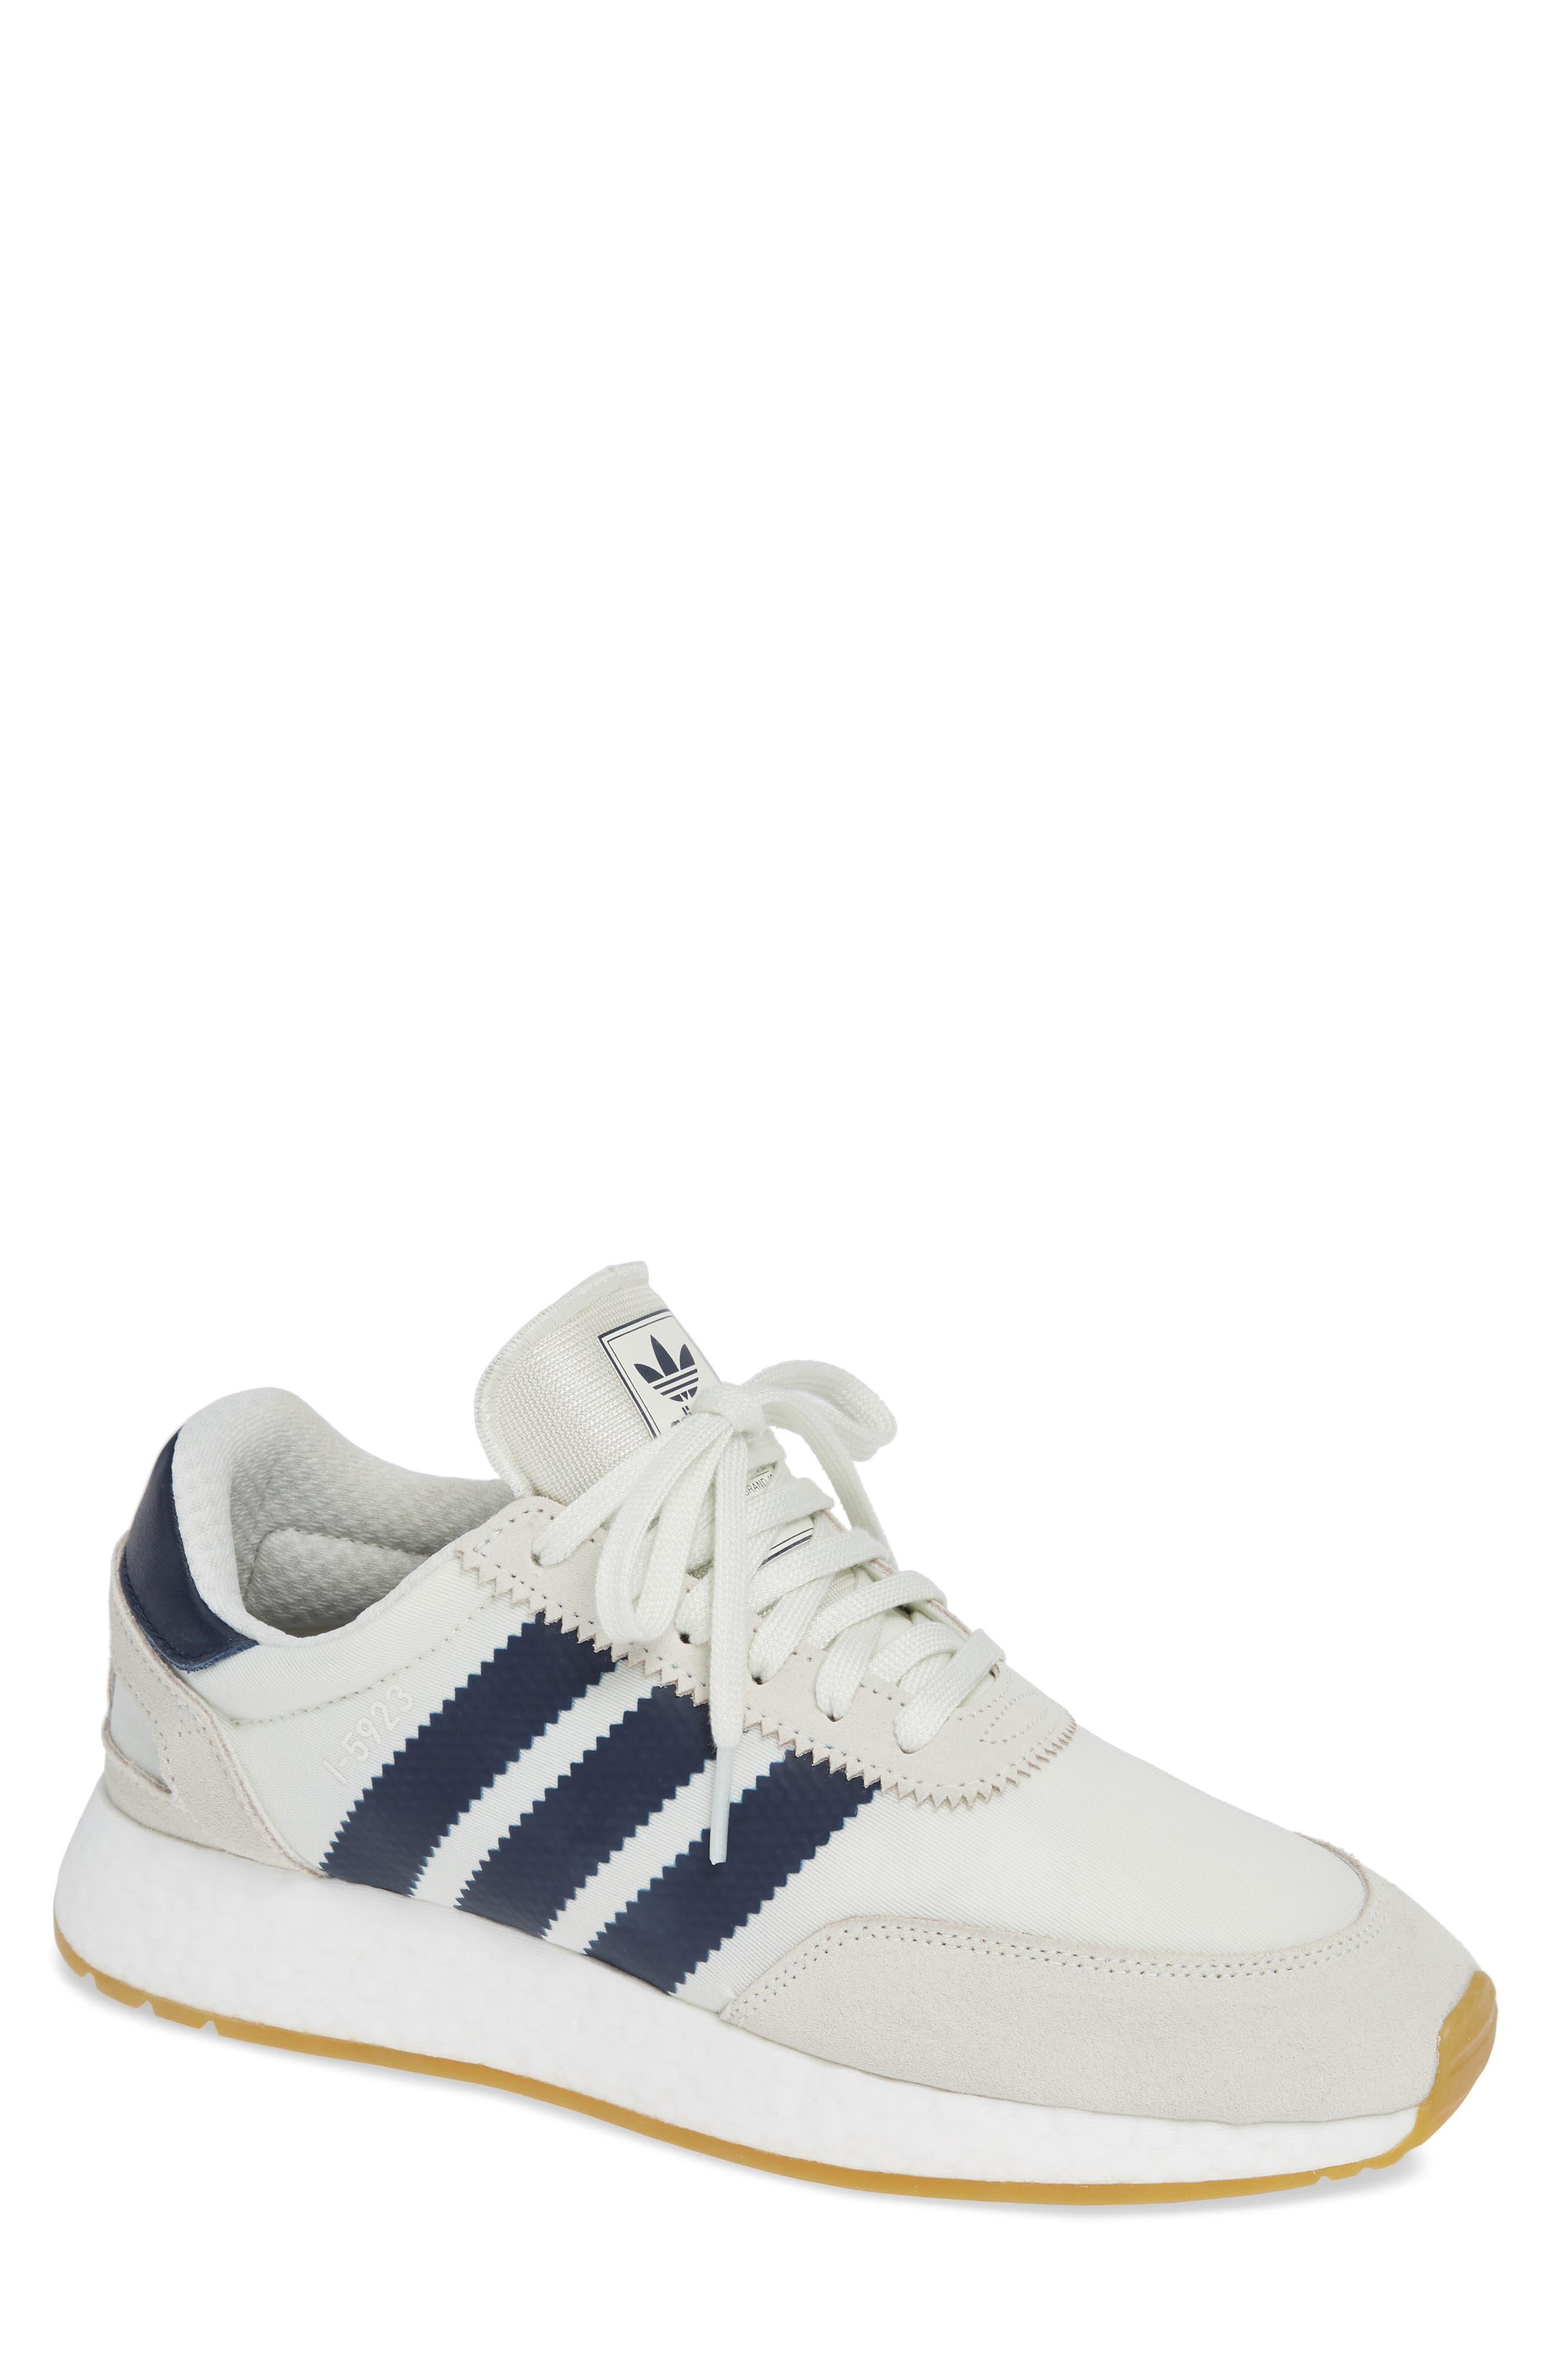 cbca11d4b44b2 adidas más Zapatos